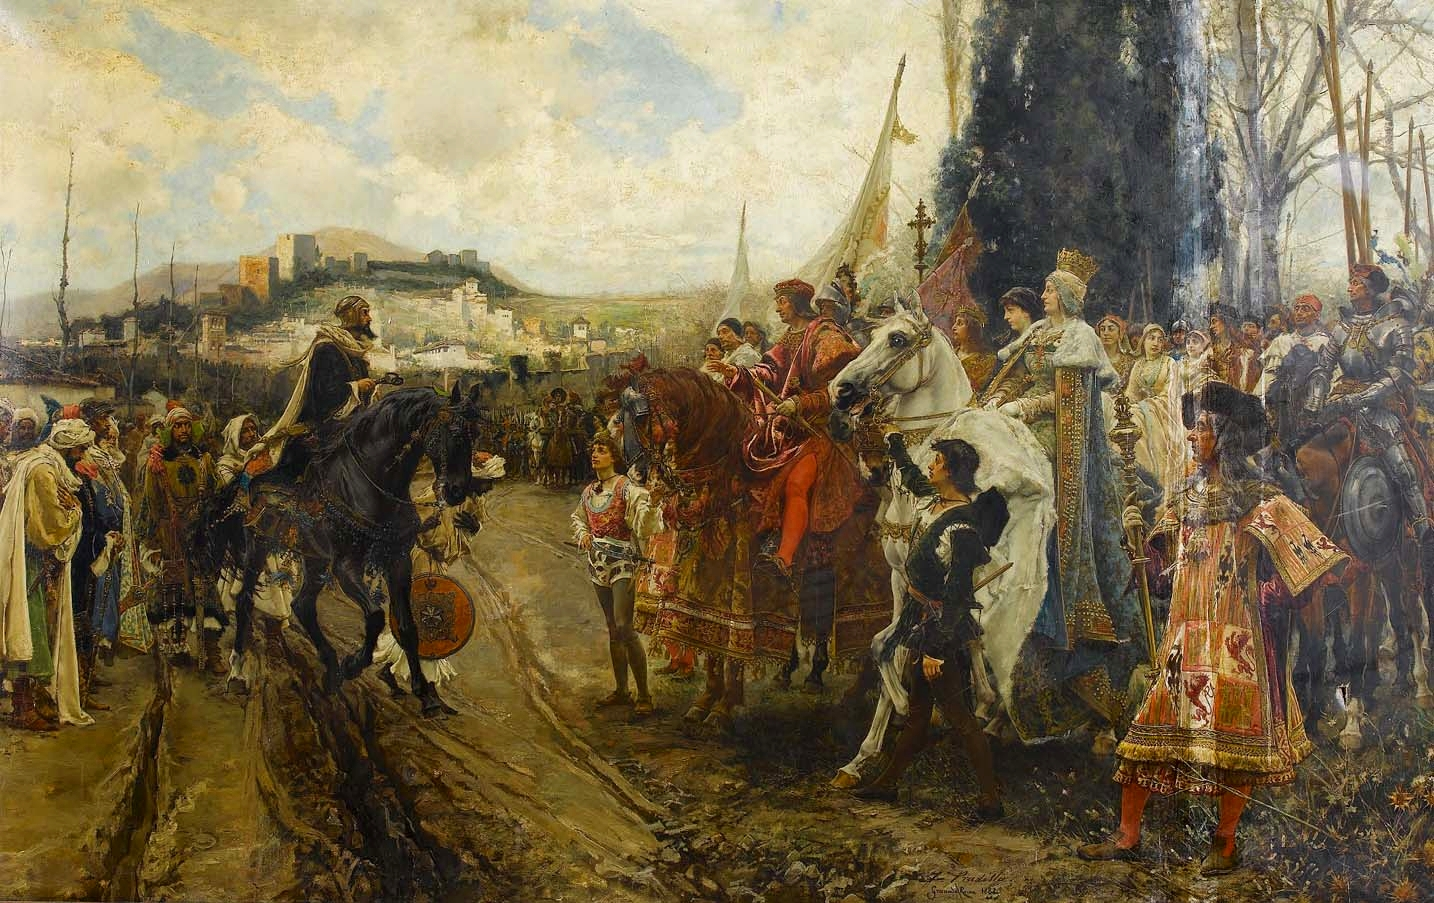 استسلام غرناطة: لوحة زيتية لپاديا توضح استسلام أبو عبد الله لفرديناند الثاني وإيزابلا